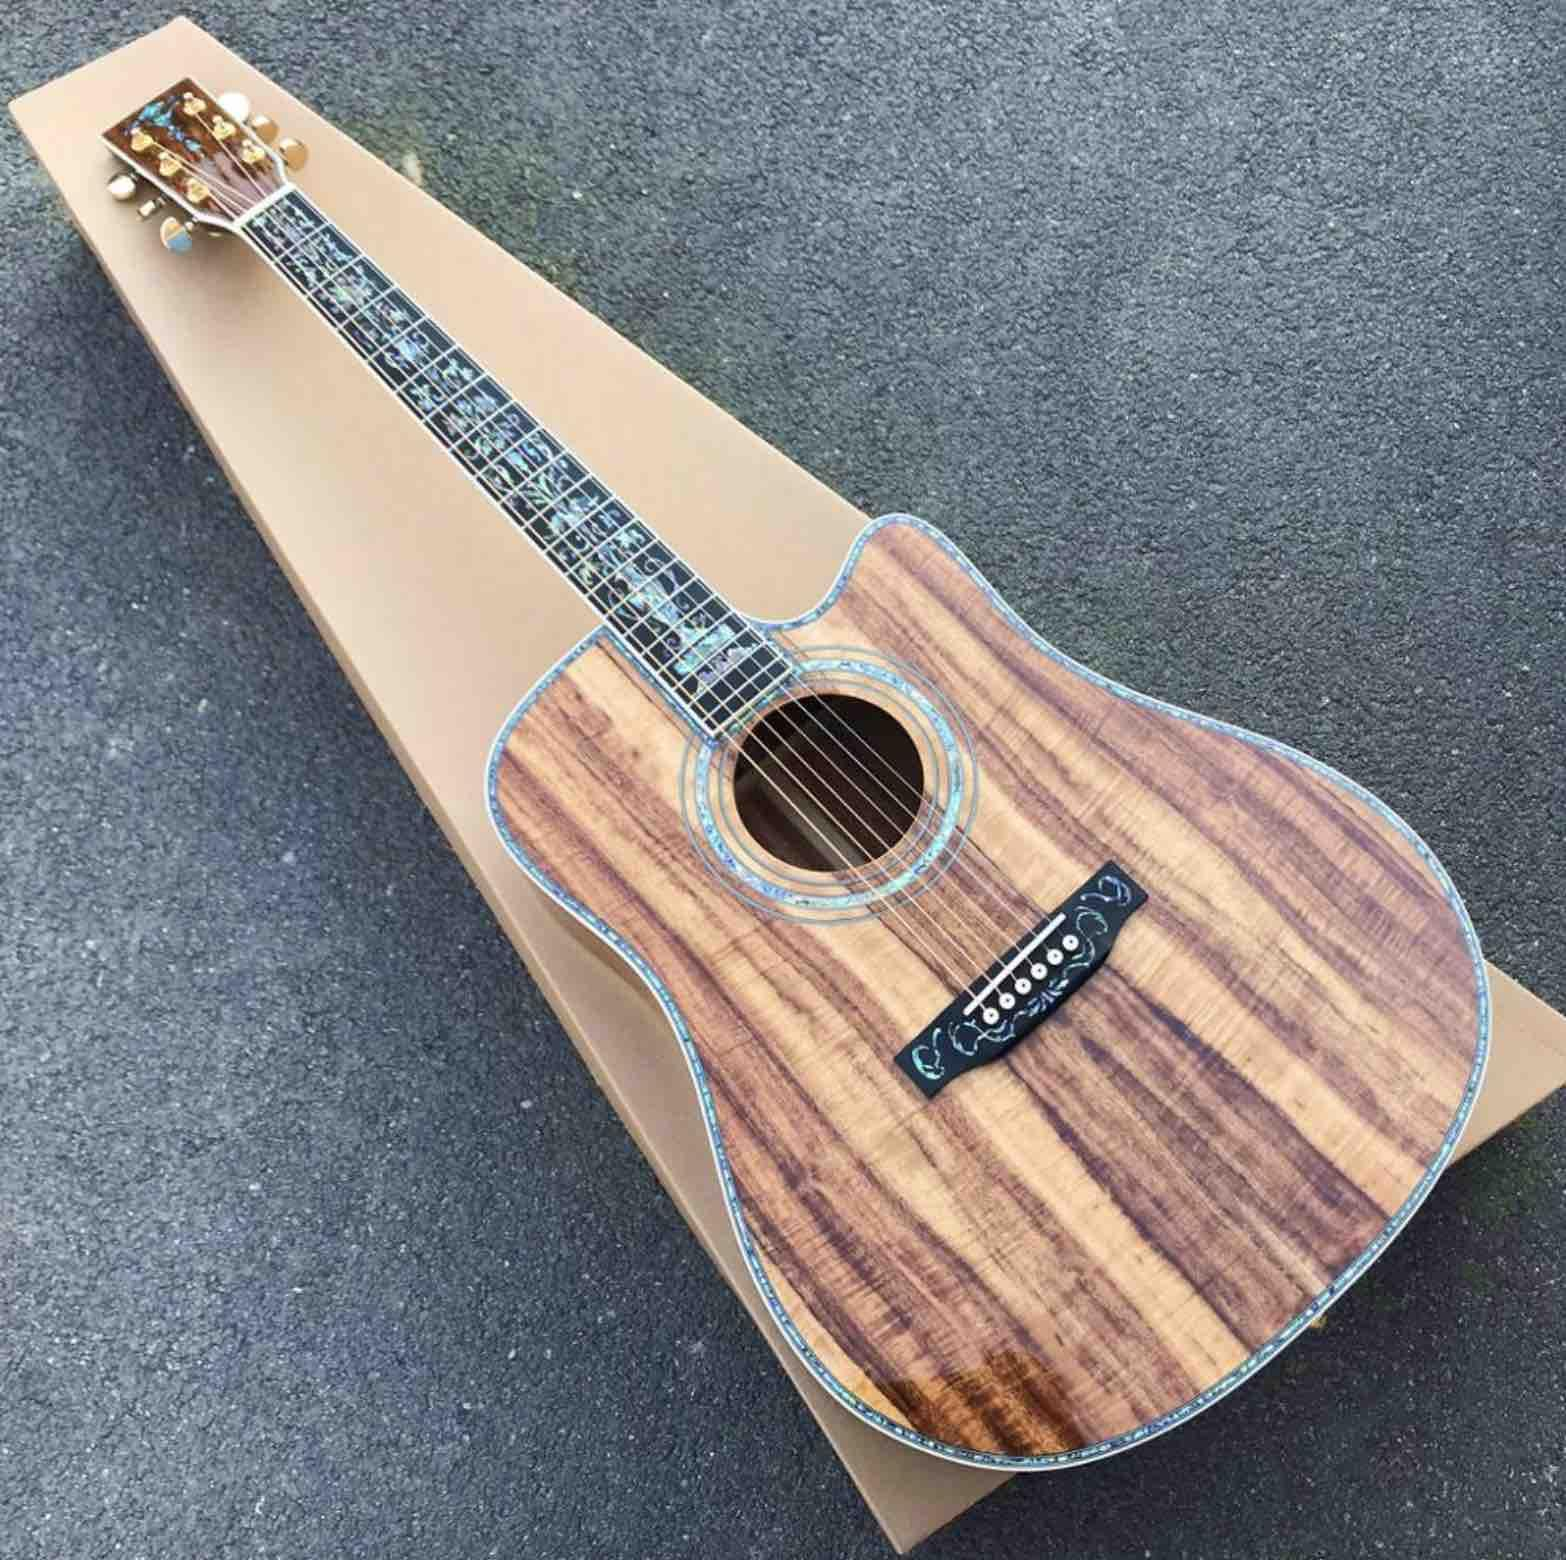 솔리드 코아 나무 생명의 나무 상감 장면 전환 몸 전복 주축 무료 배송 픽업 및 로고와 함께 클래식 어쿠스틱 기타 바인딩